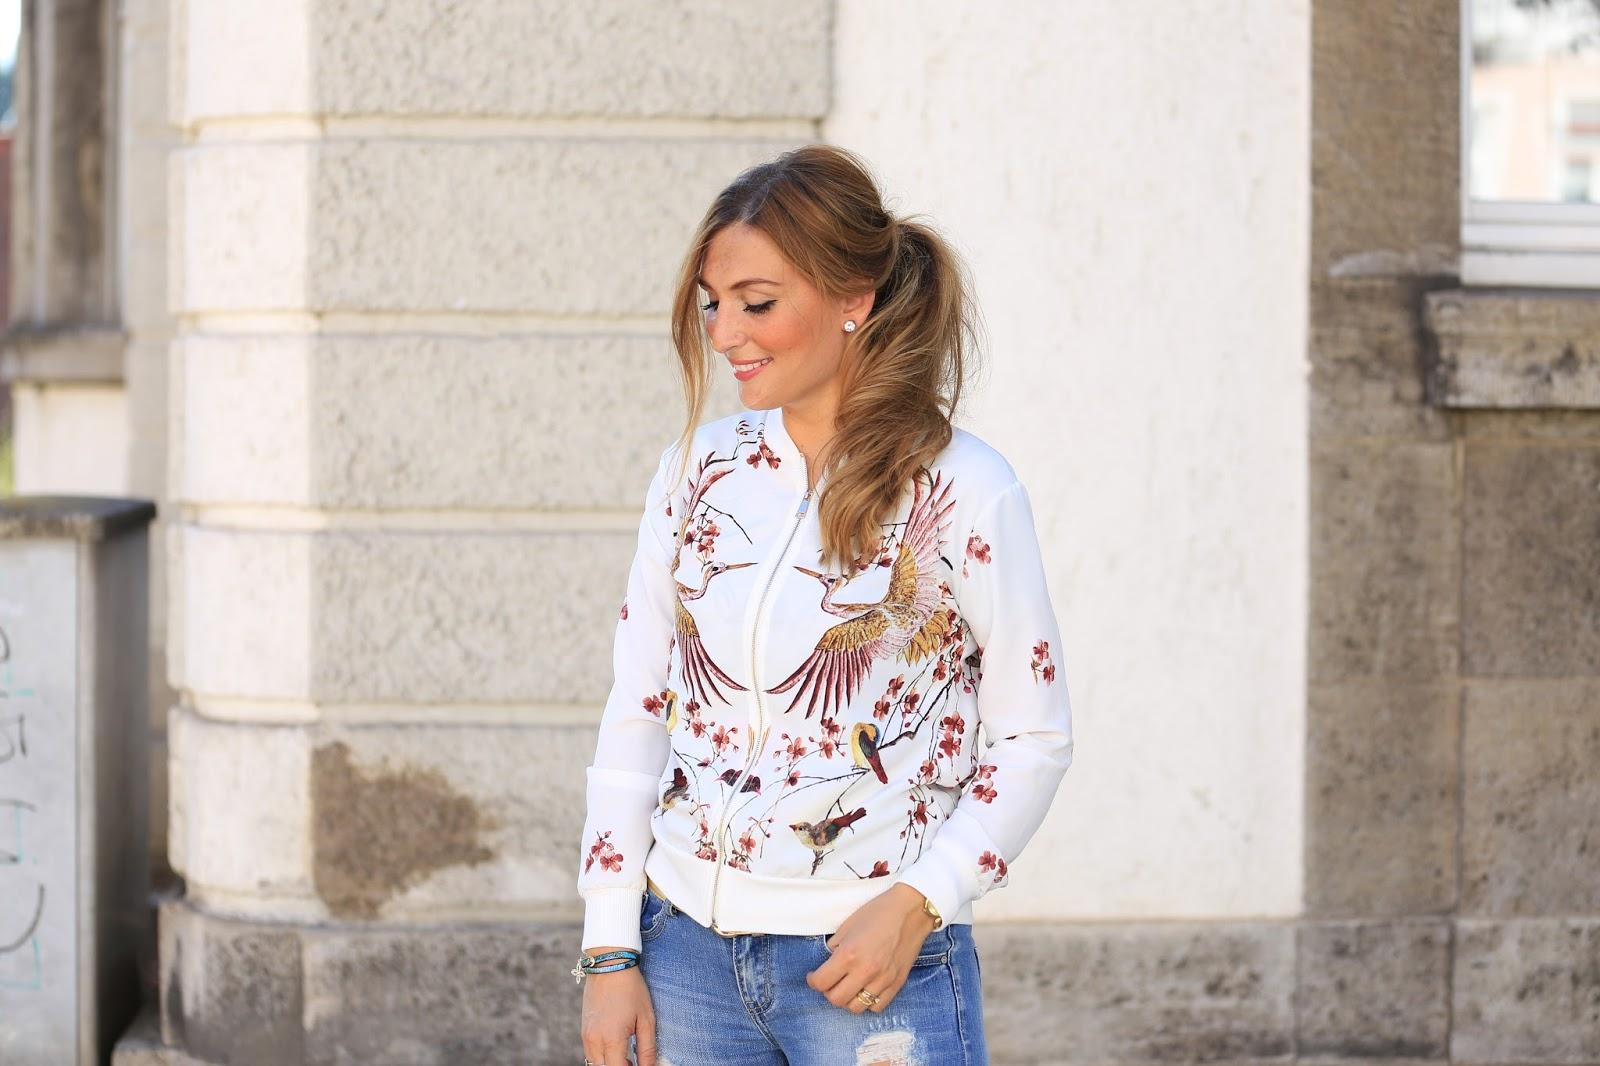 Bomberjacke Blogger - Herbstlook -Fashionblogger aus Deutschland - Deutsche Fashiomnlogger - Lifestyleblogger - Modeblogger - Frankfurt Fashionblogger